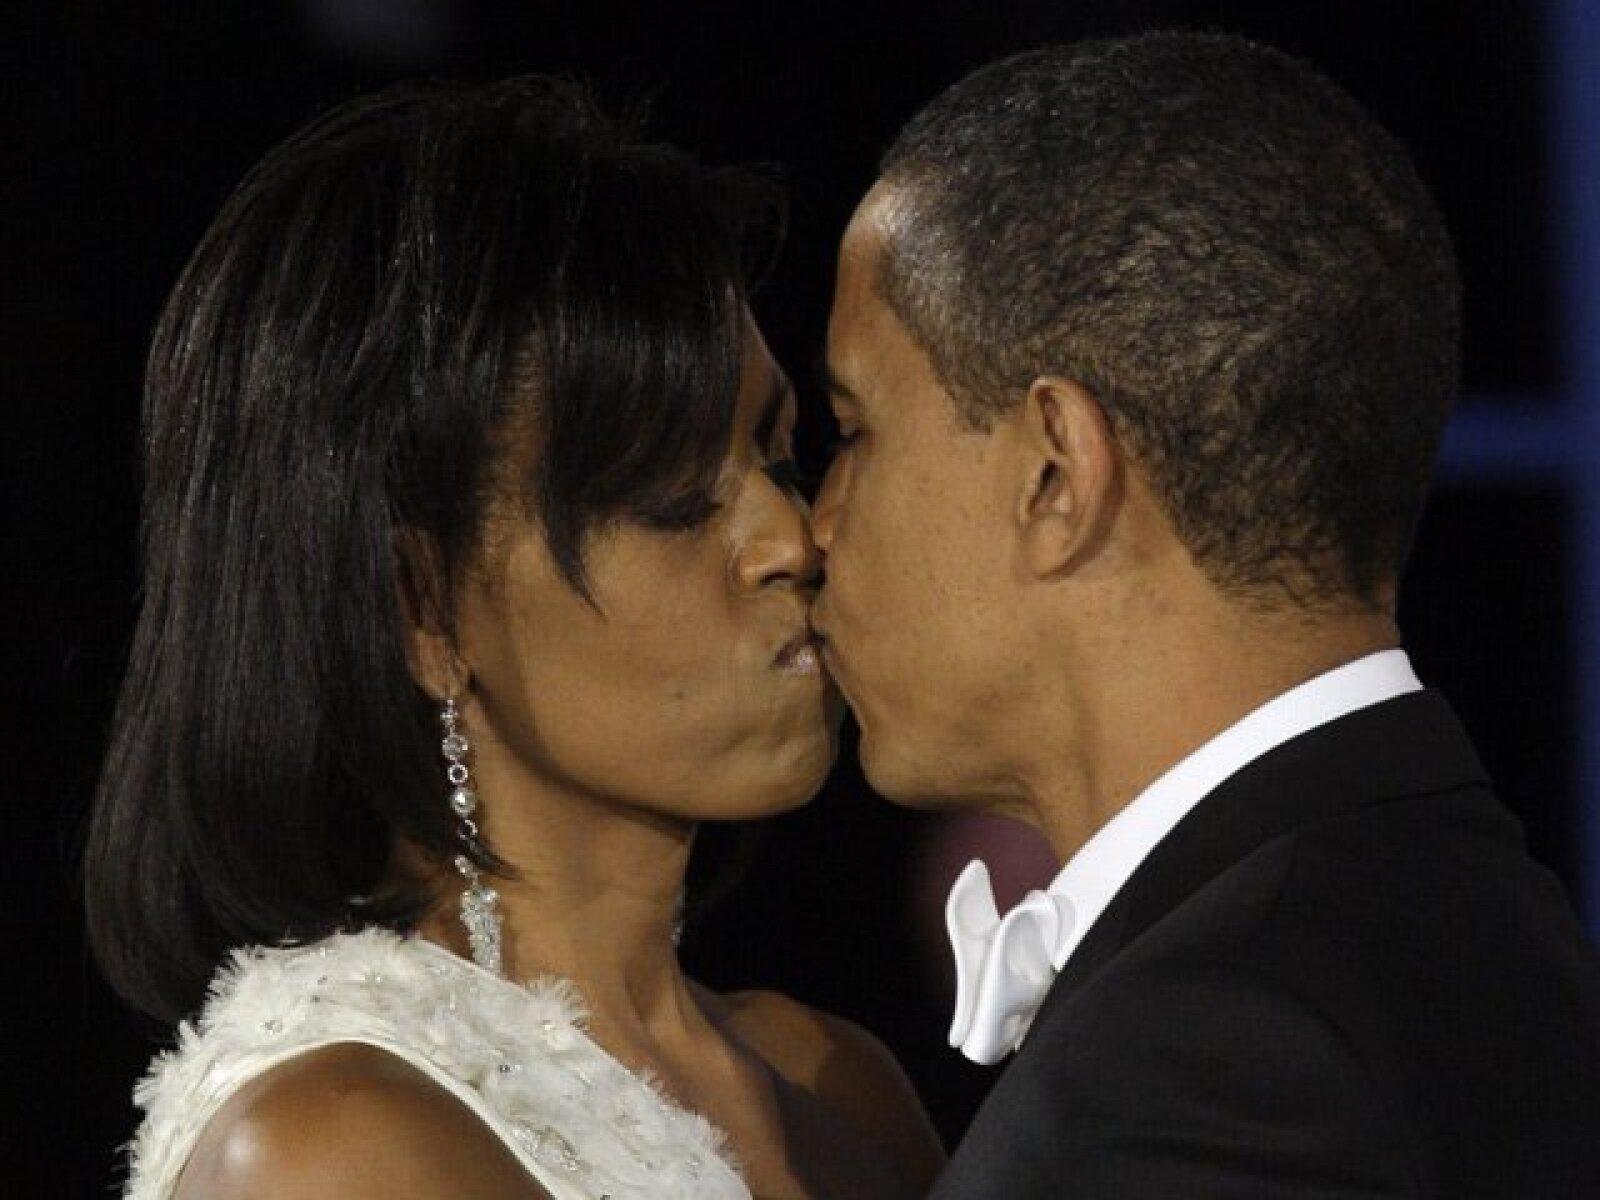 Romántico momento con Michelle Obama, en el tradicional baile del día de la toma de posesión.